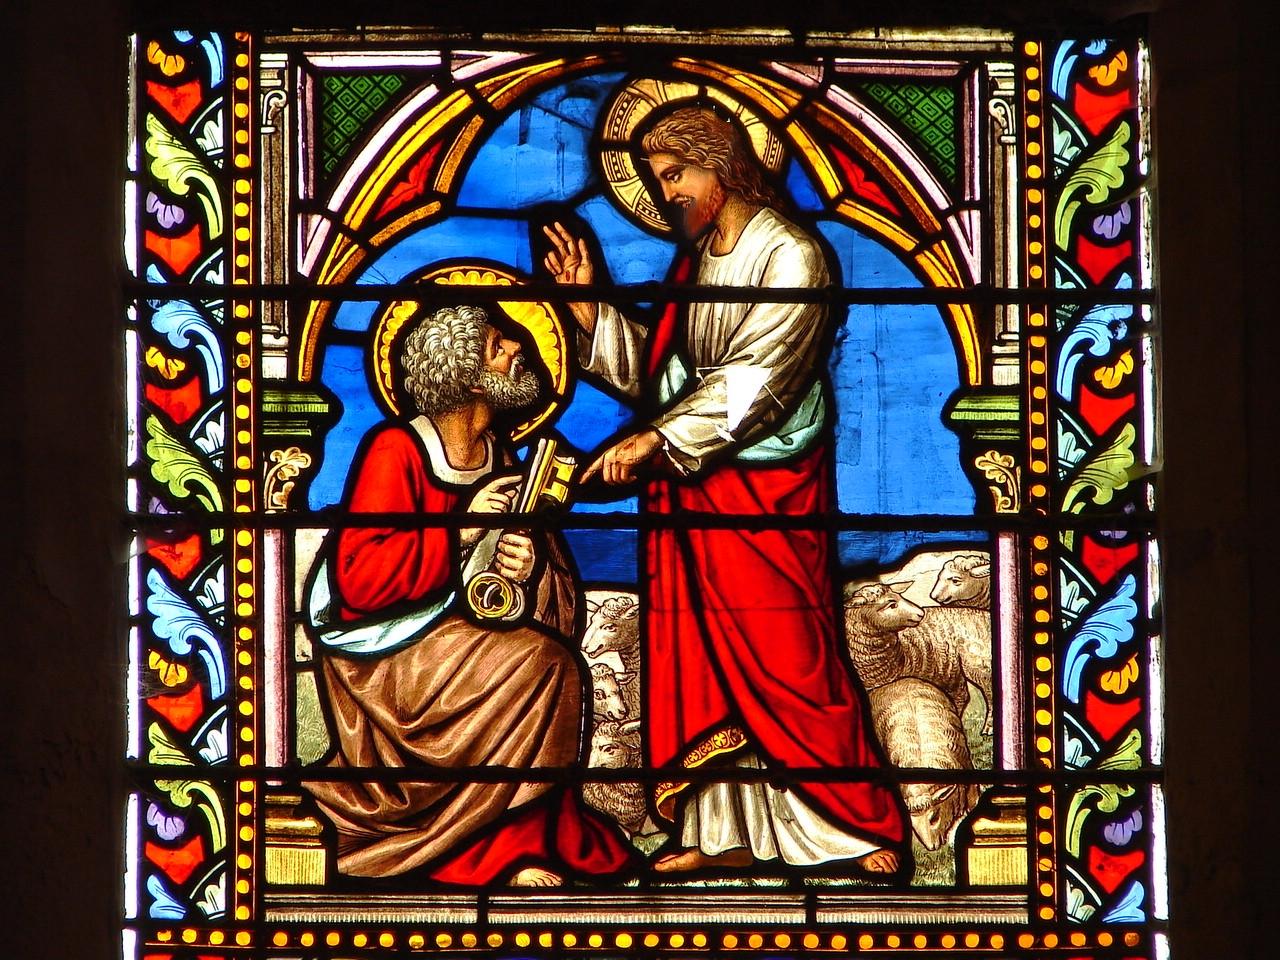 CALENDRIER CATHOLIQUE 2020 (Cantiques, Prières & Images) - Page 6 J-sus-donnant-les...t-pierre-5712e98